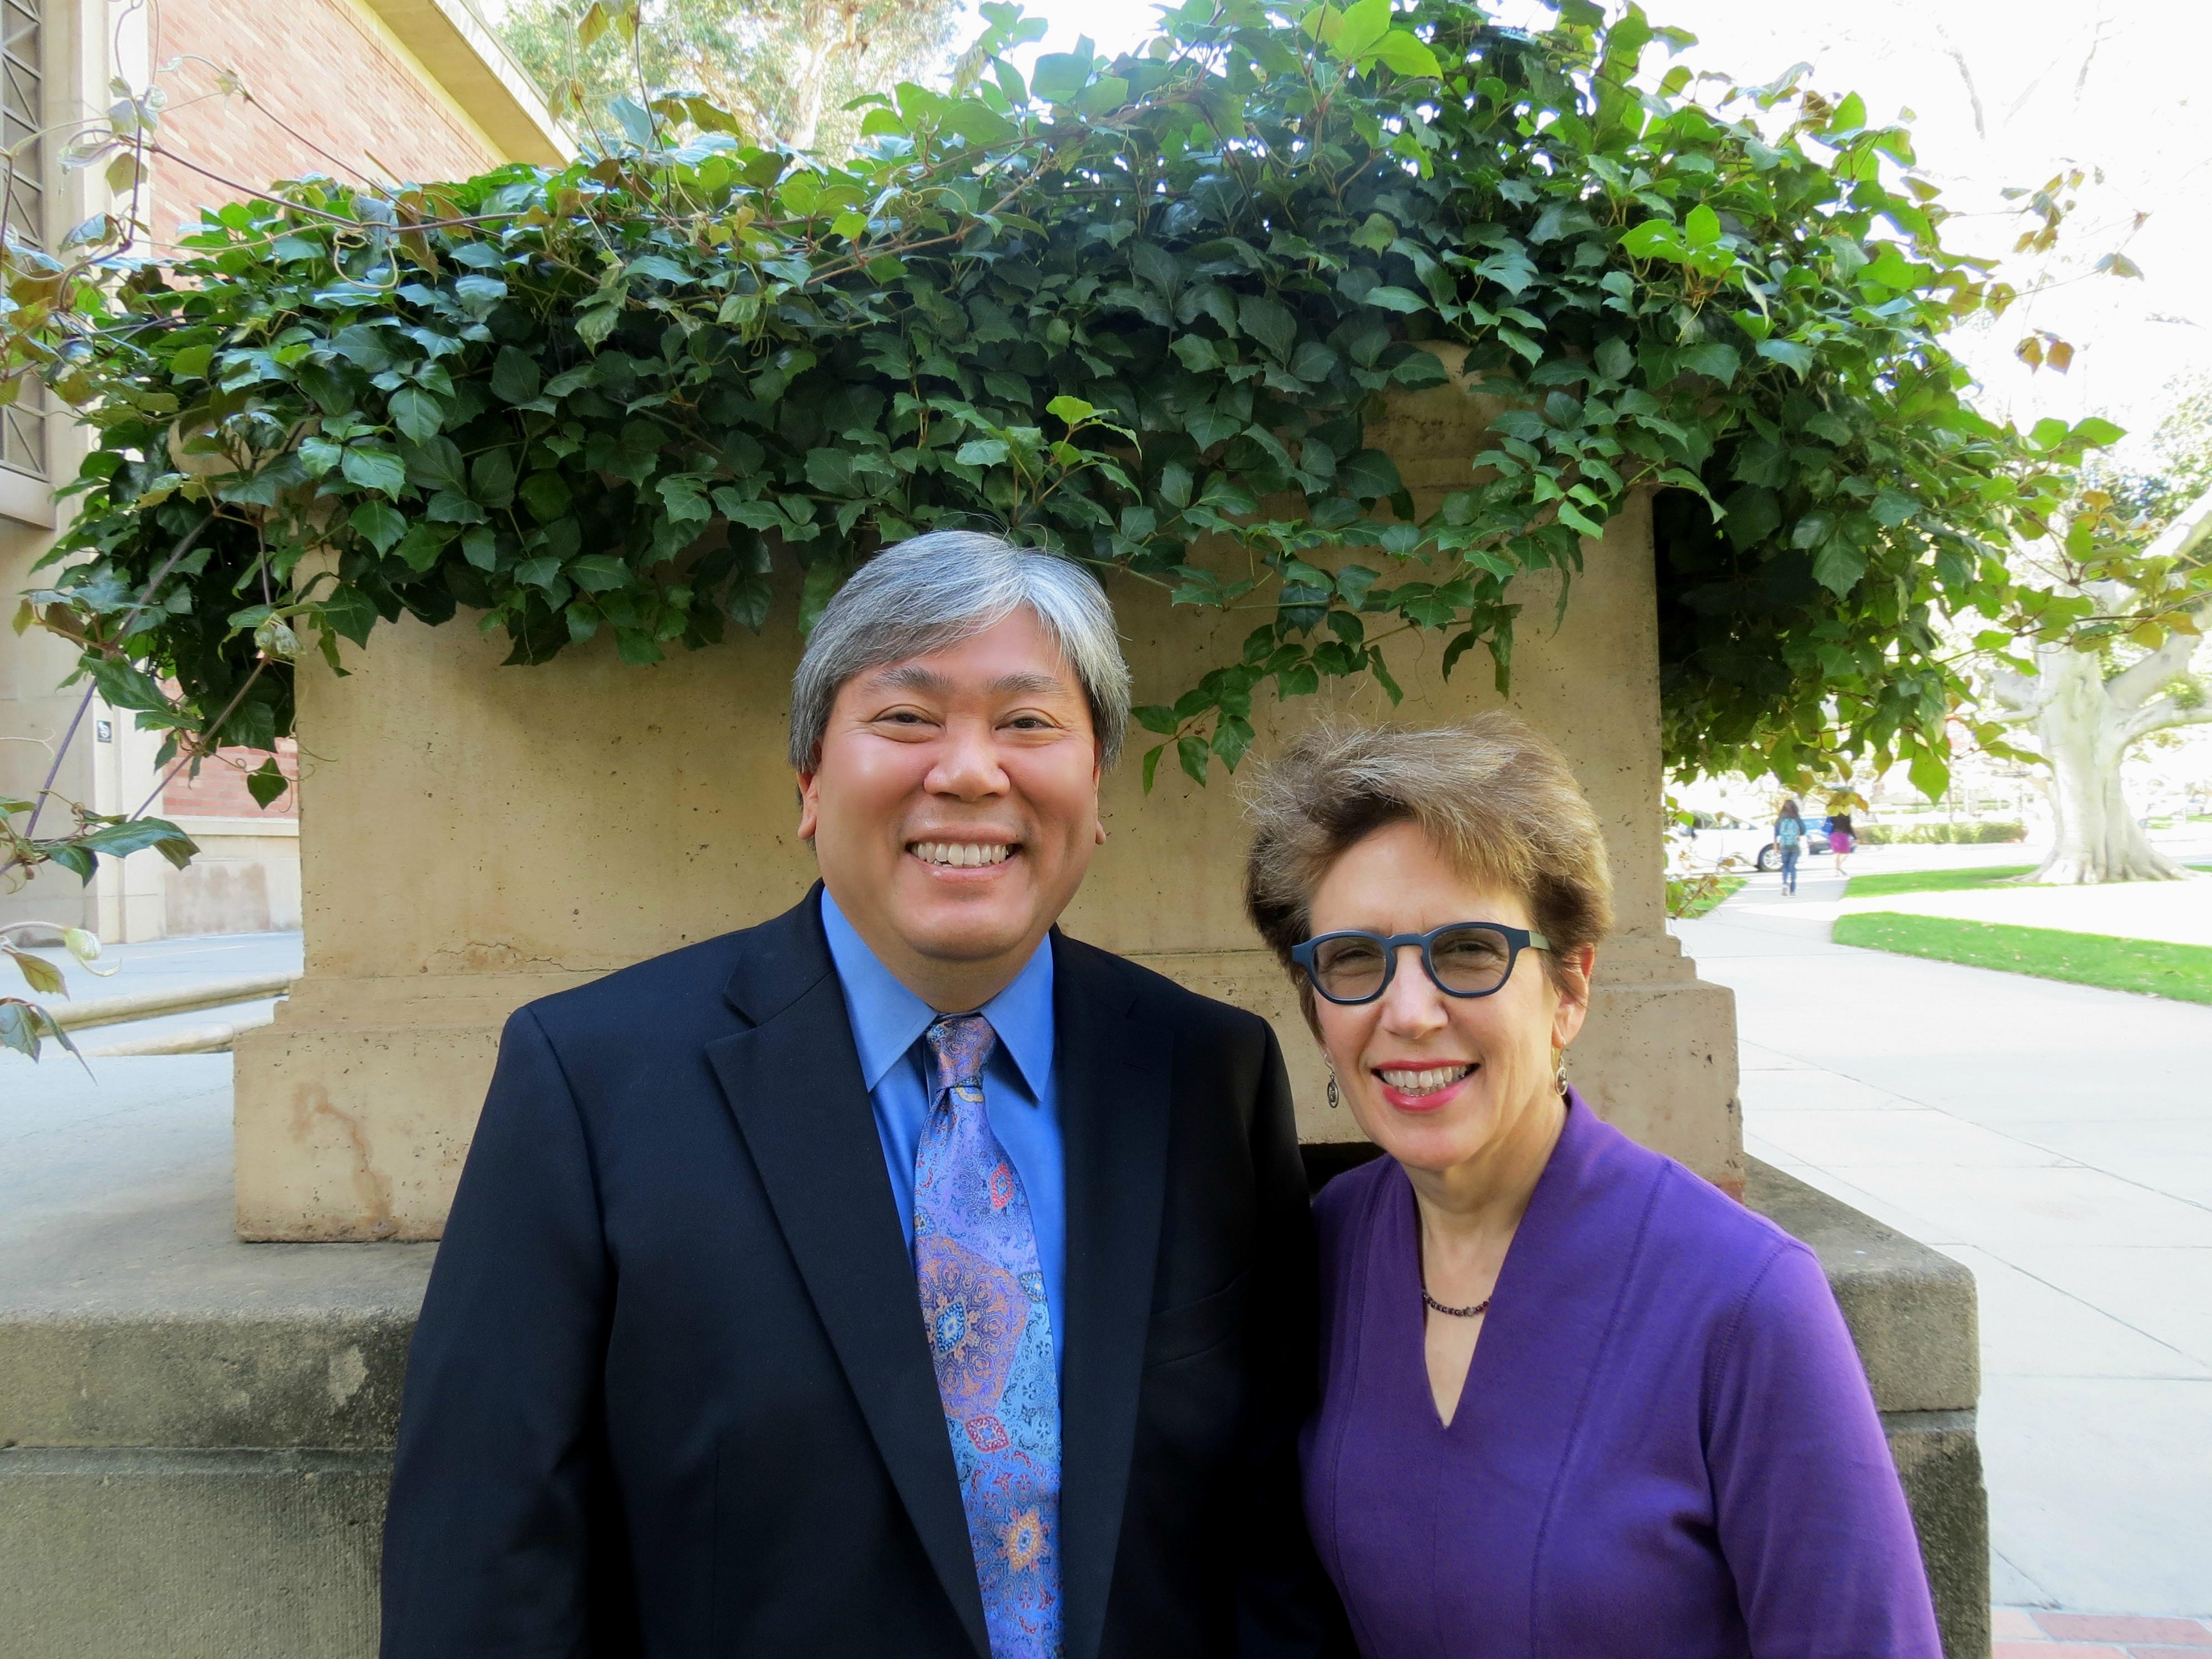 Kent Wada and Chris Borgman